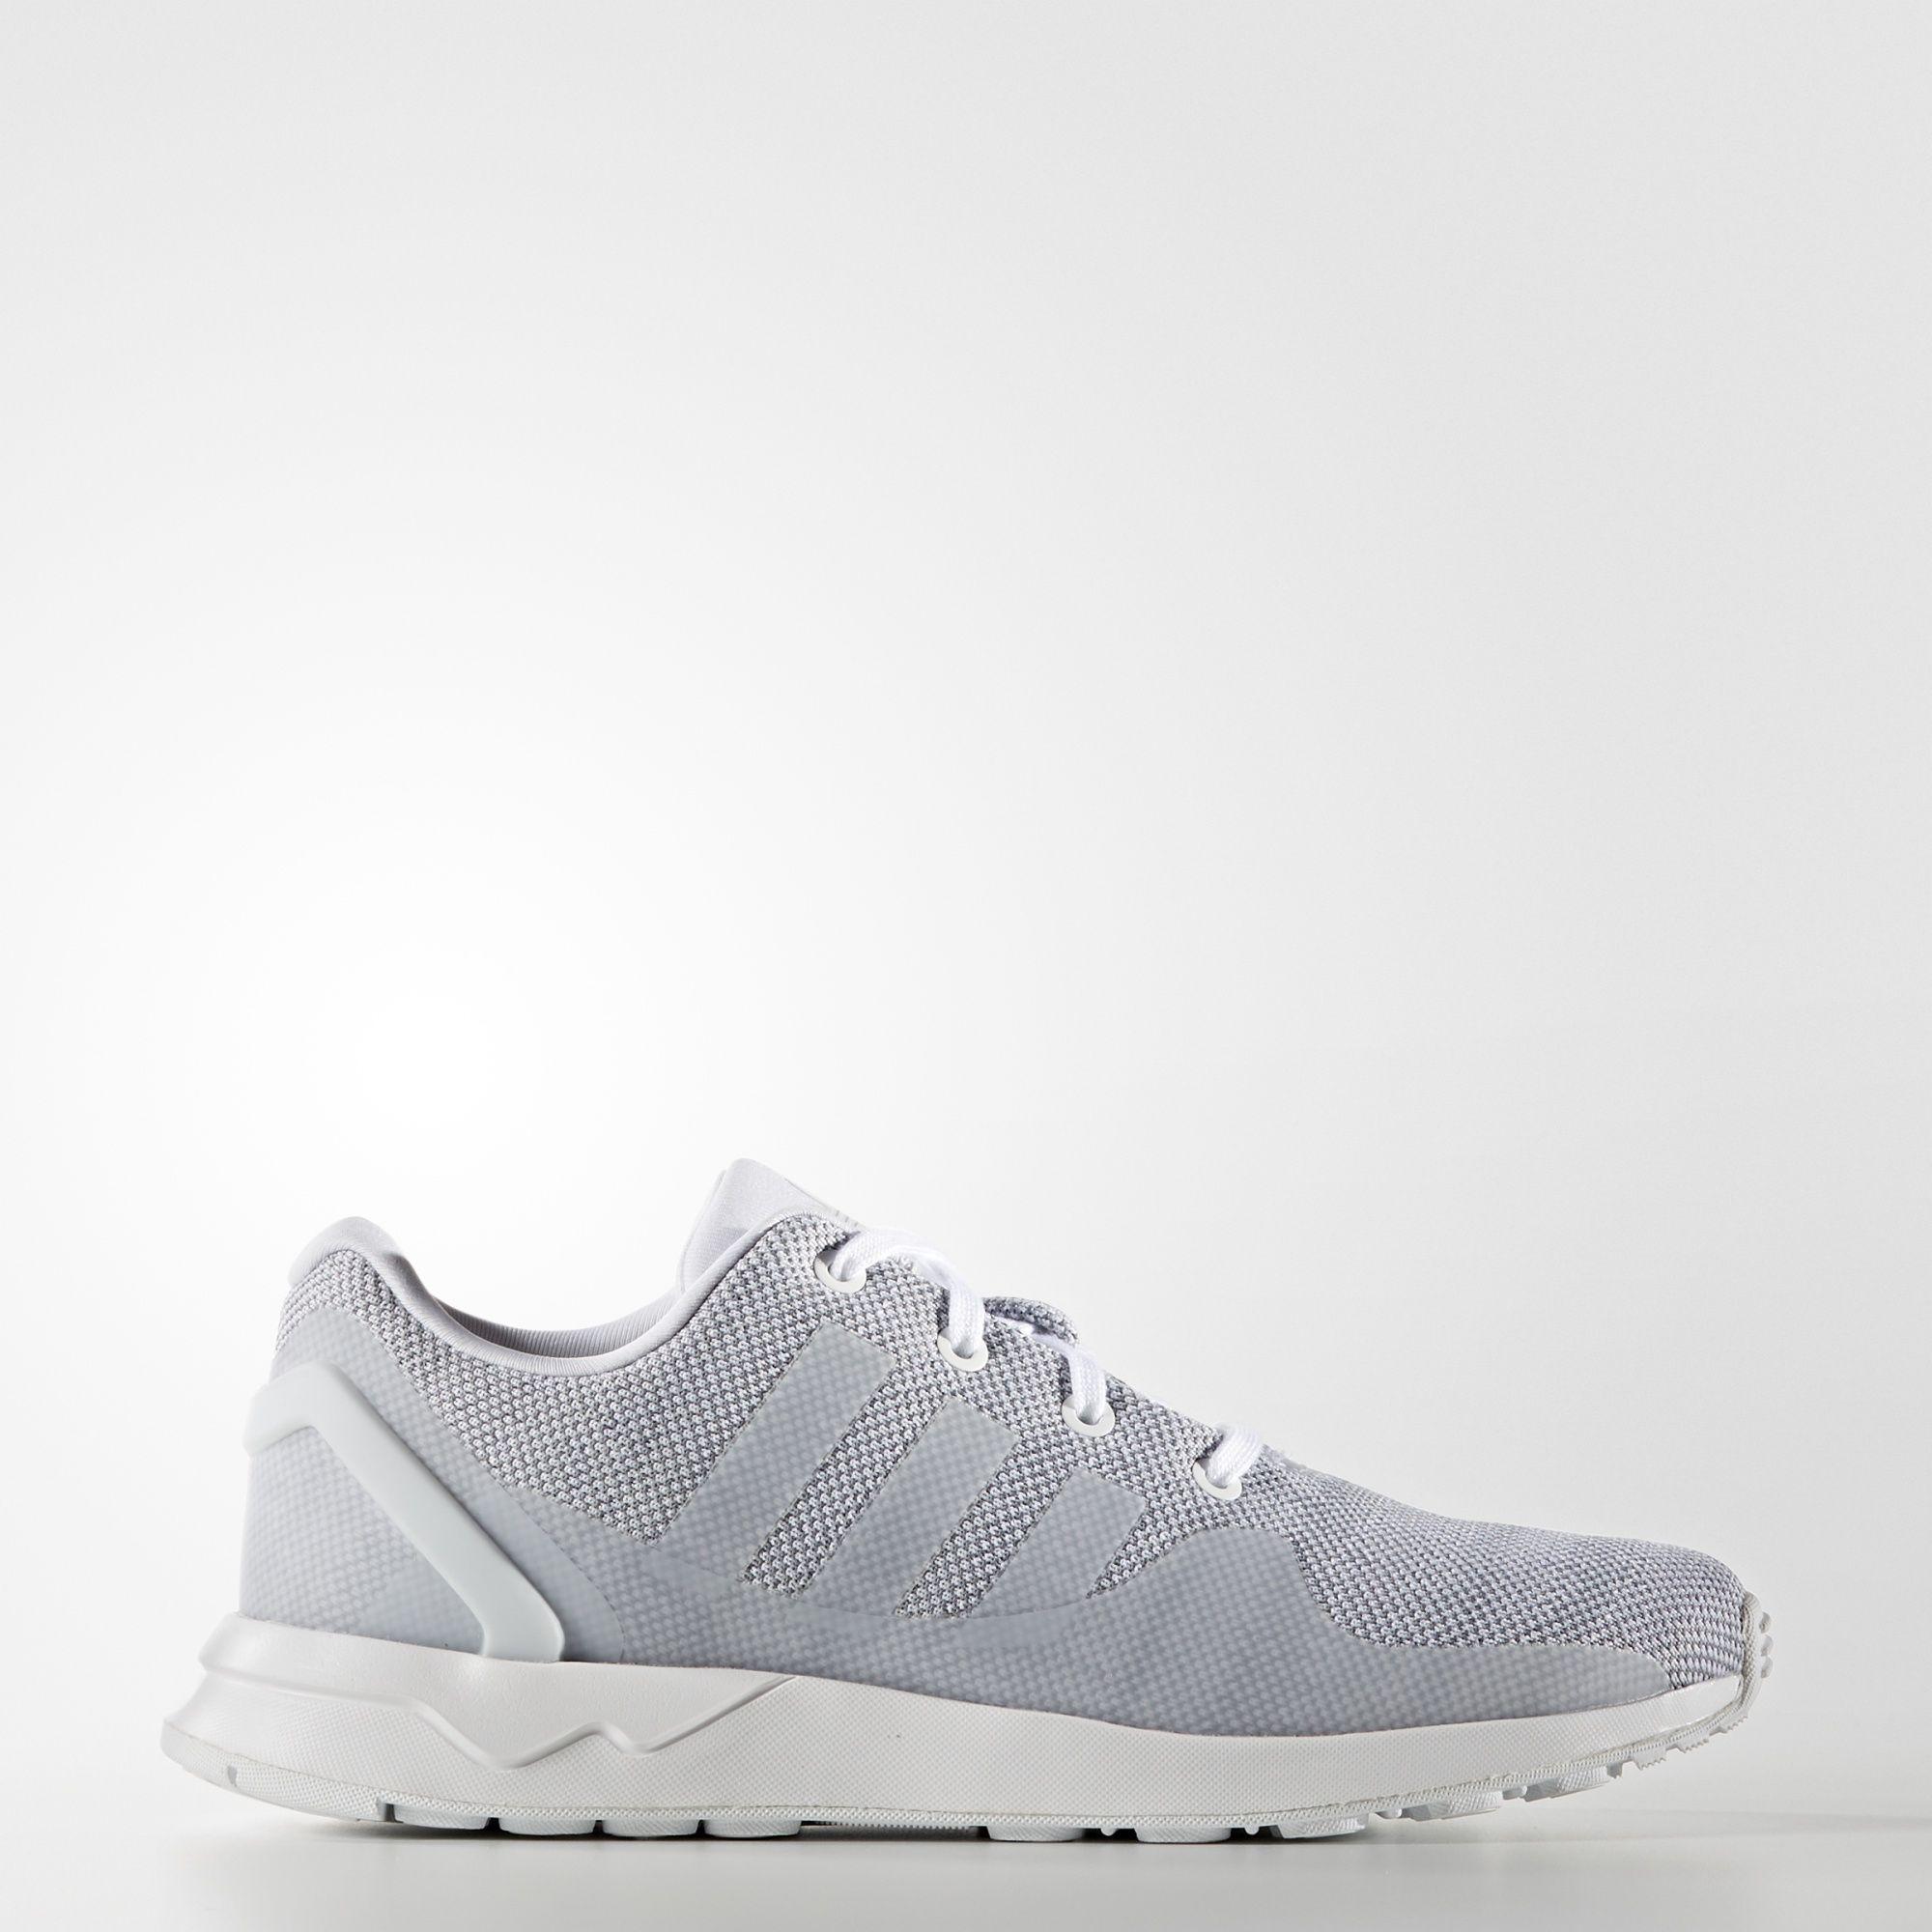 b8e428360 adidas zx flux adv schoenen